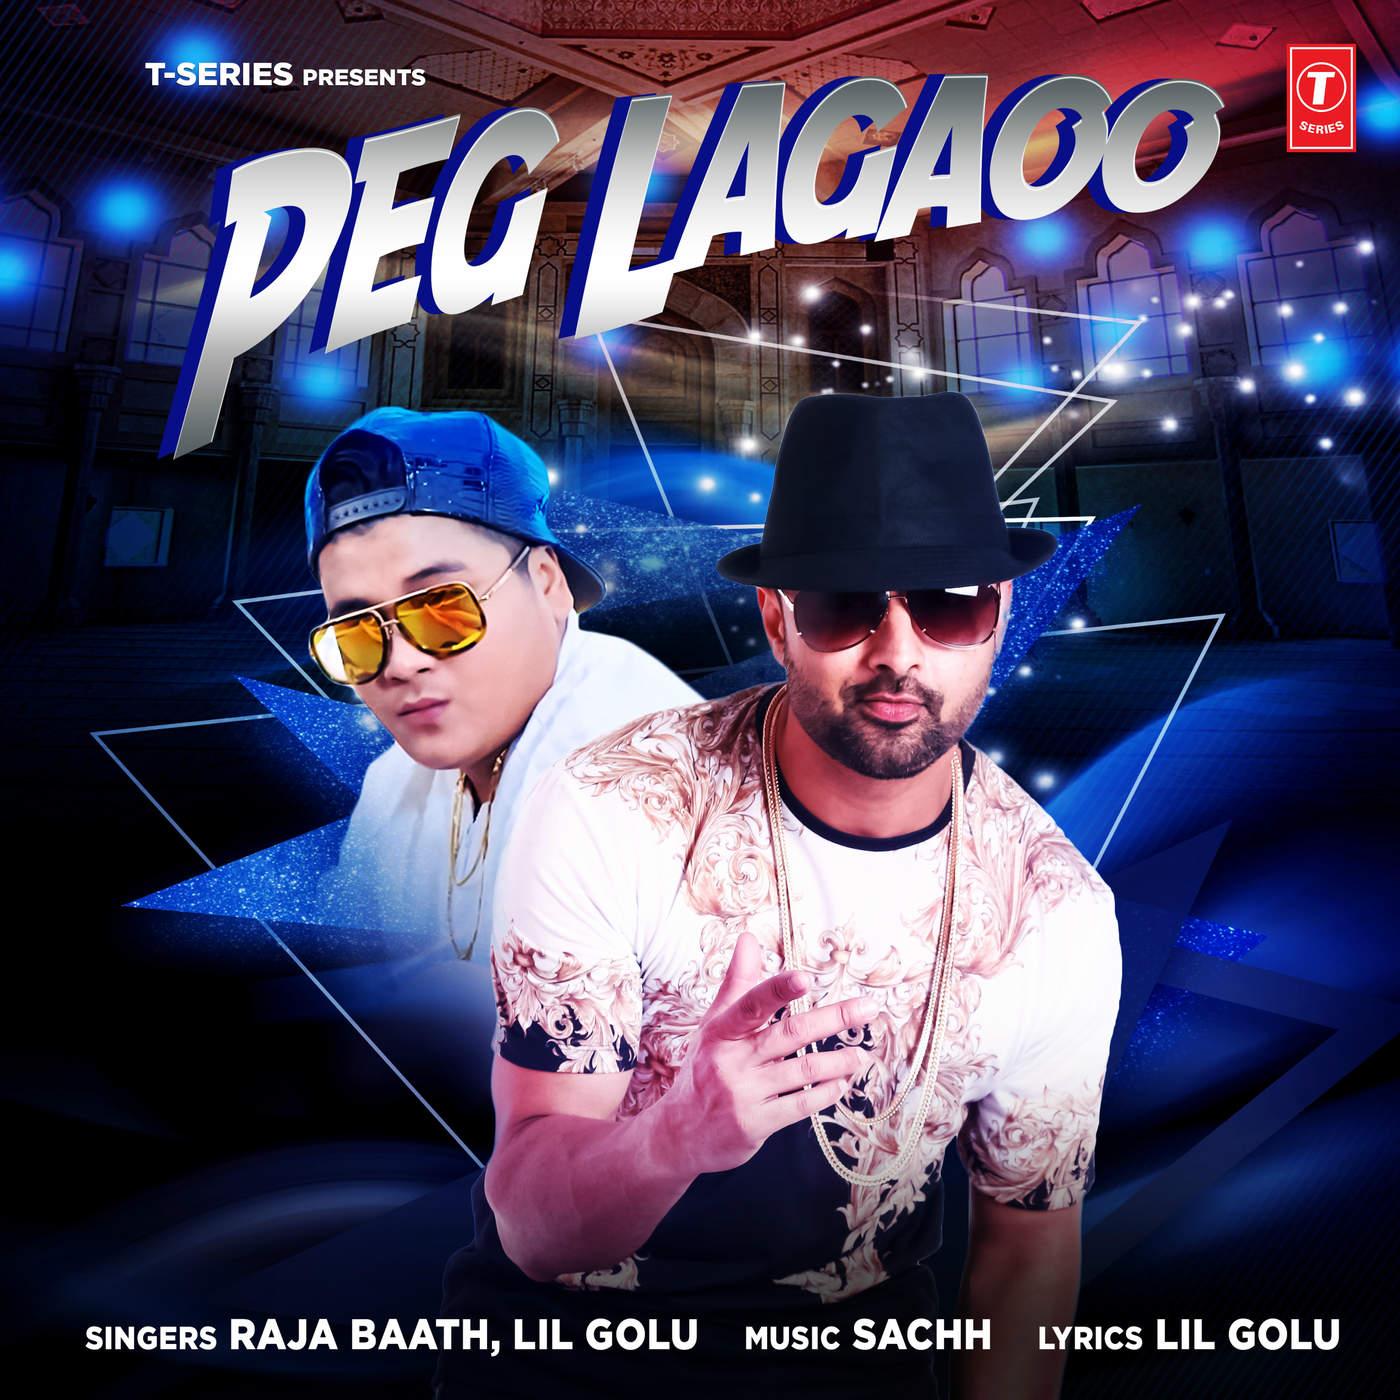 Raja Baath & Lil Golu - Peg Lagaoo - Single